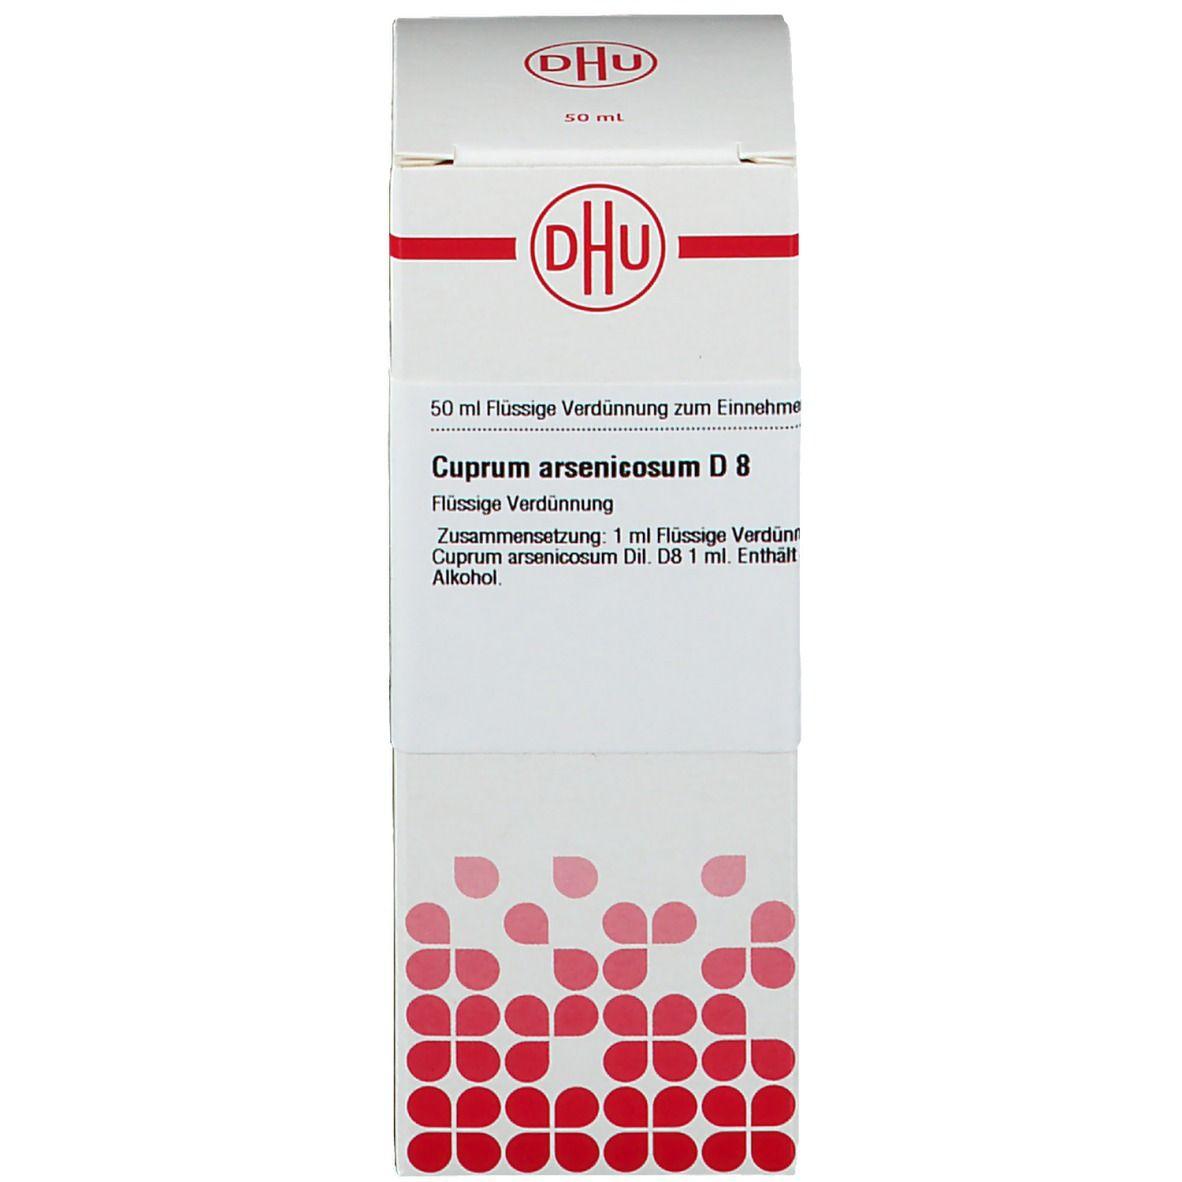 DHU Cuprum Arsenicosum D8